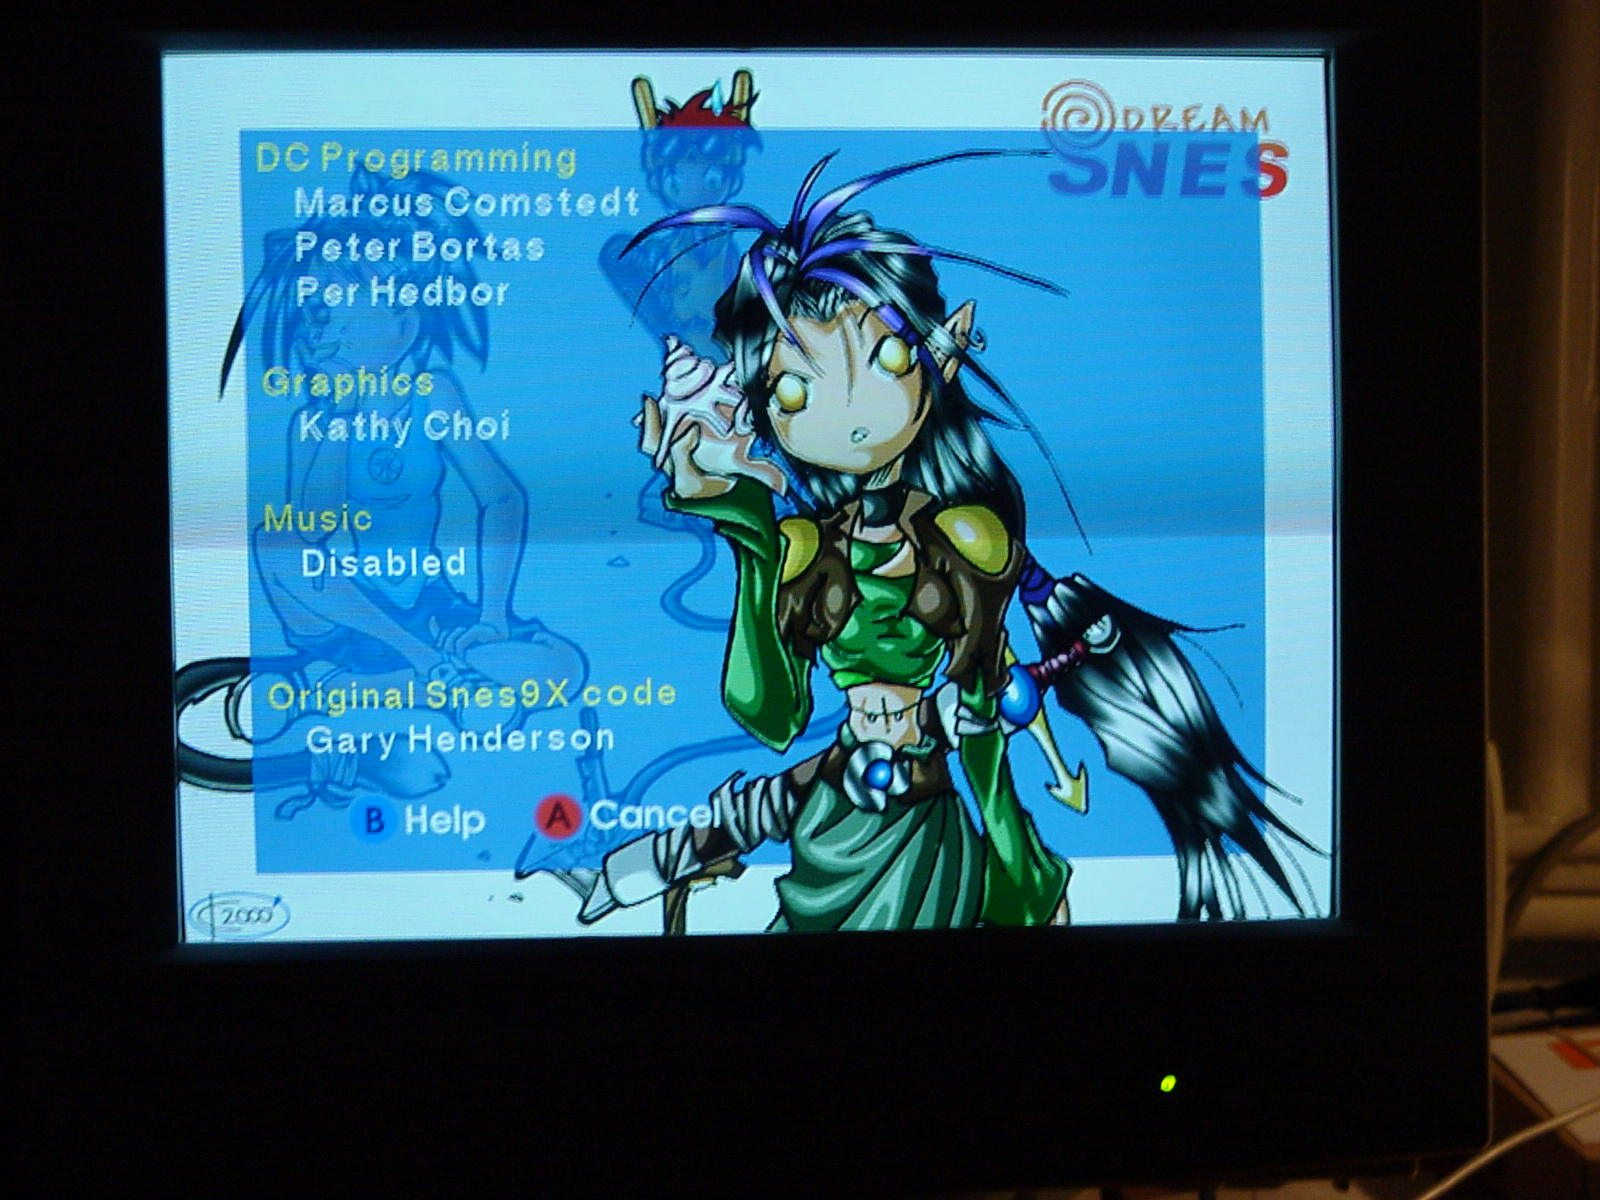 Dreamcast Programming - DreamSNES